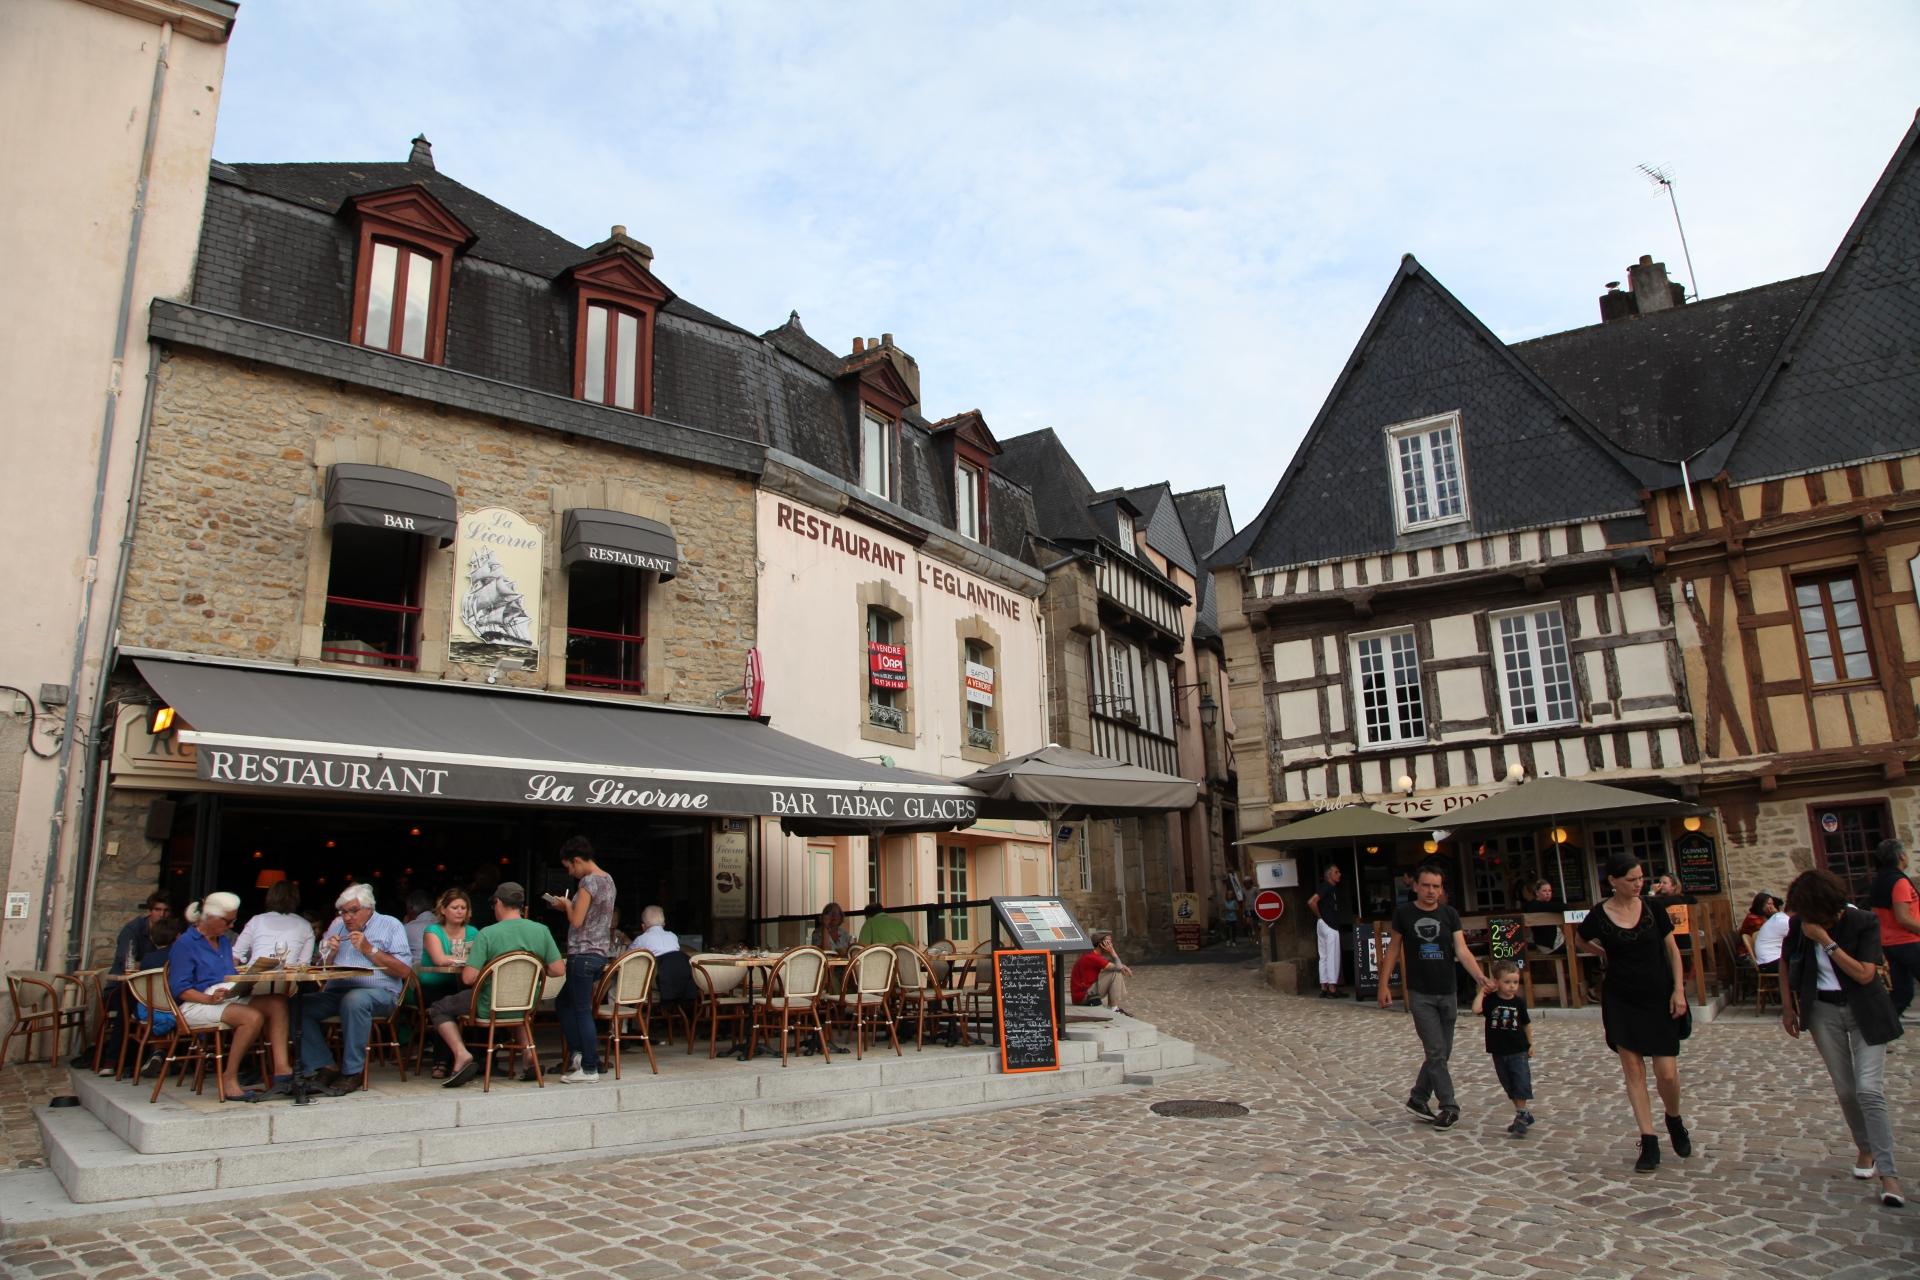 Fileauray St Goustan 19 Place St Sauveur Pa00091006 01 Jpm